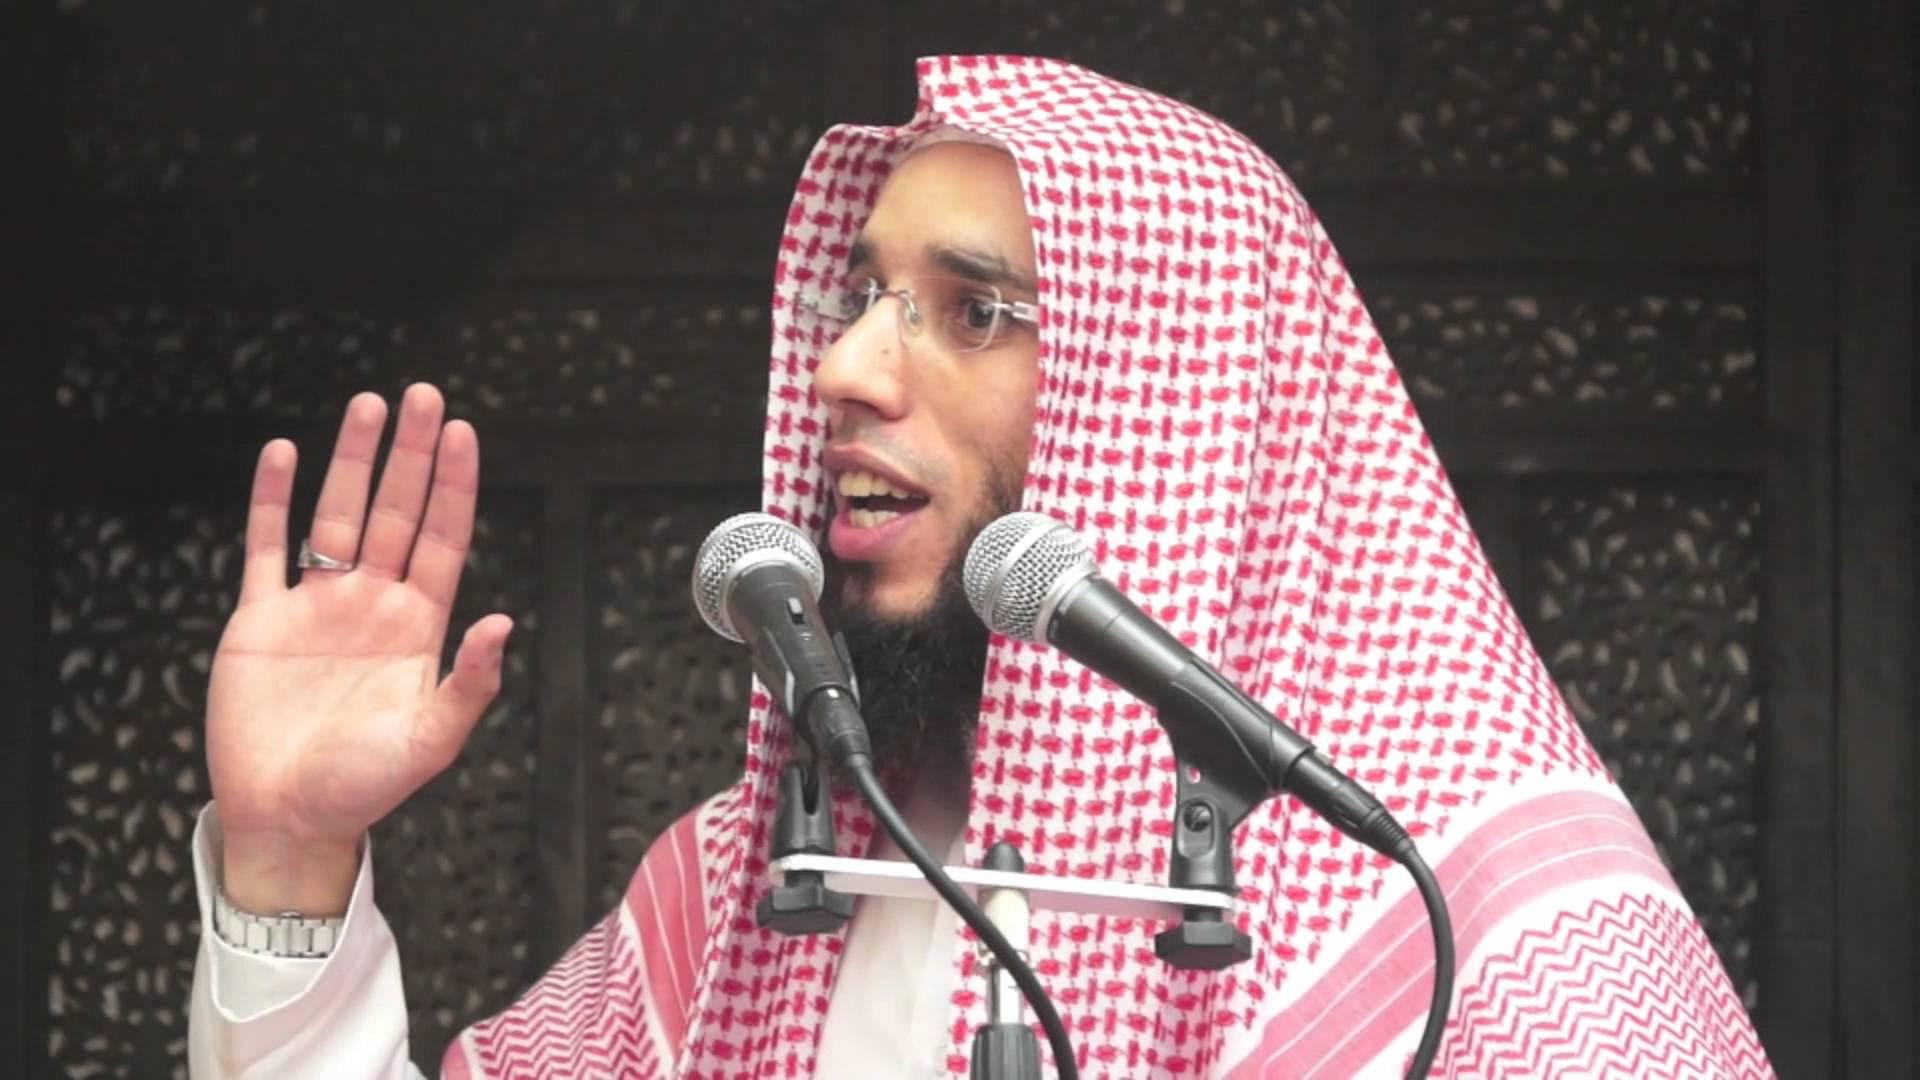 Deux personnes ont été blessées par balle ce jeudi devant une mosquée de Brest. Parmi eux, l'imam du lieu de culte, Rachid Eljay, alias Abou Houdeyfa. Portrait de cet homme, connu pour ses vidéos controversées.